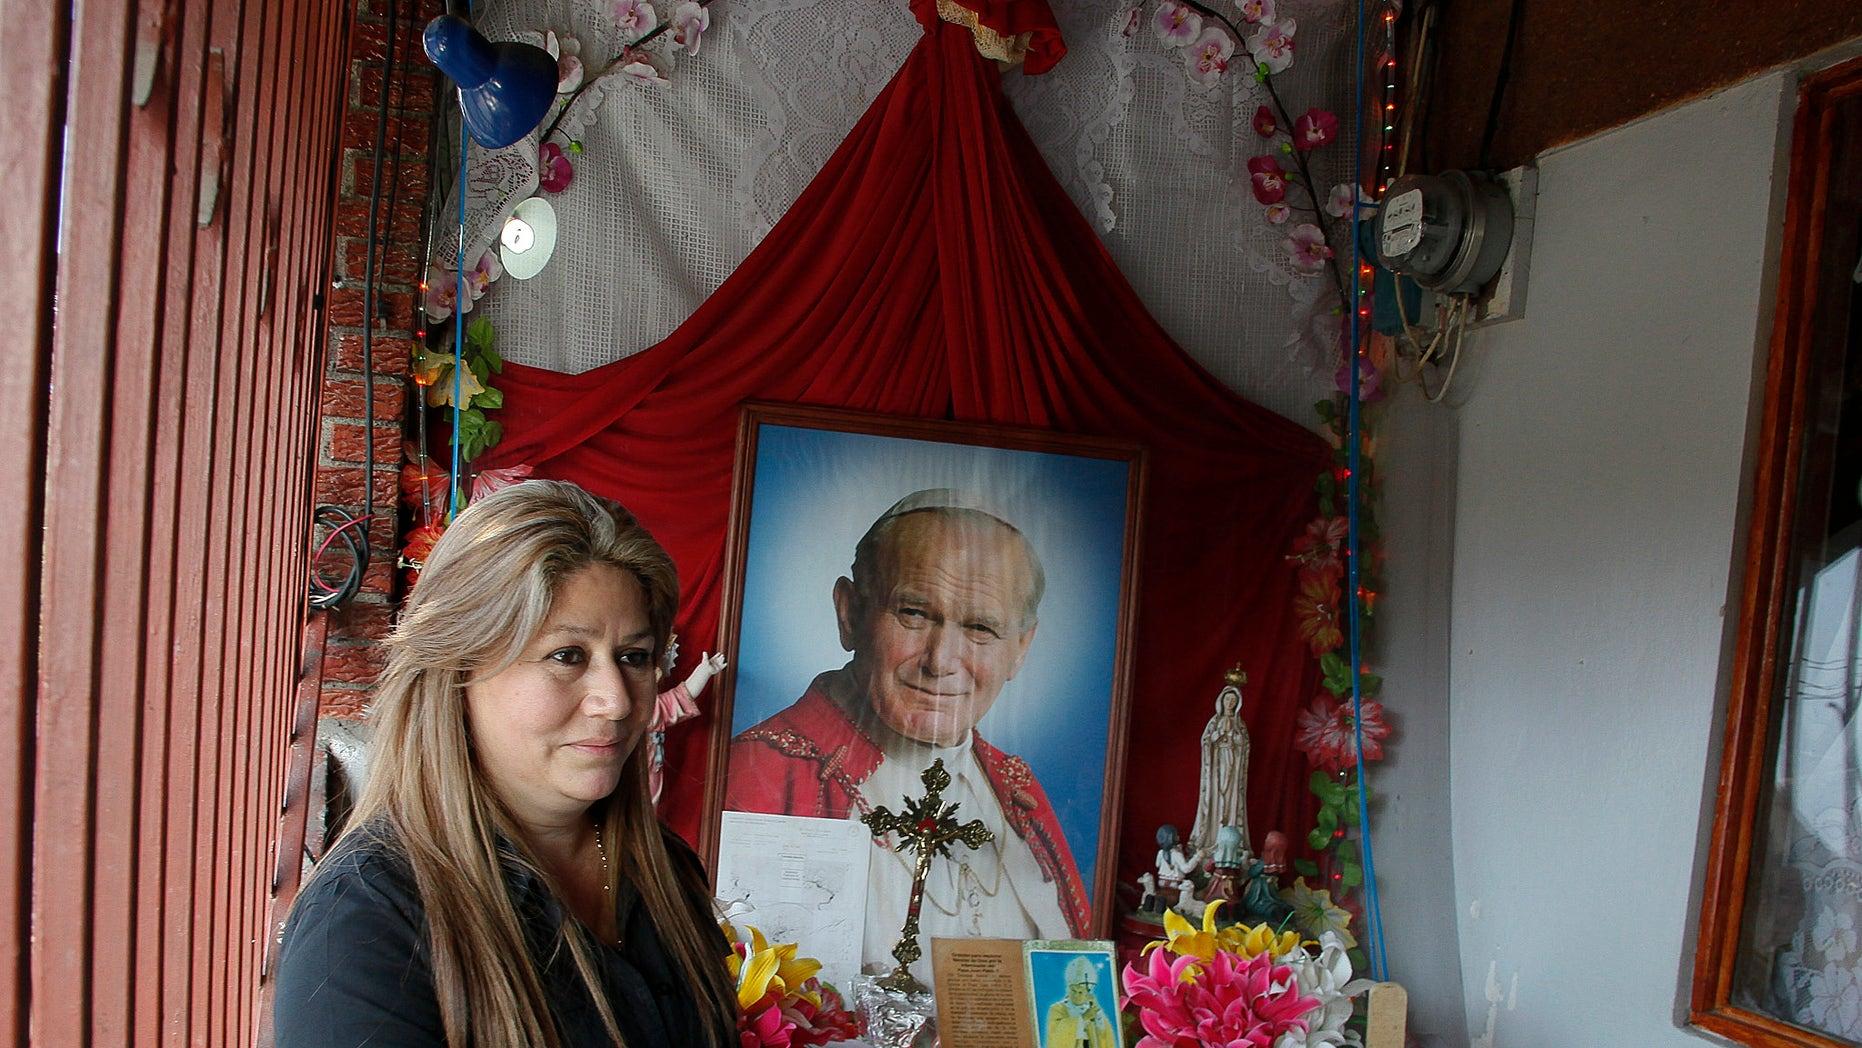 Floribeth Mora in her home in La Union de Cartago, Costa Rica, on July 5, 2013.